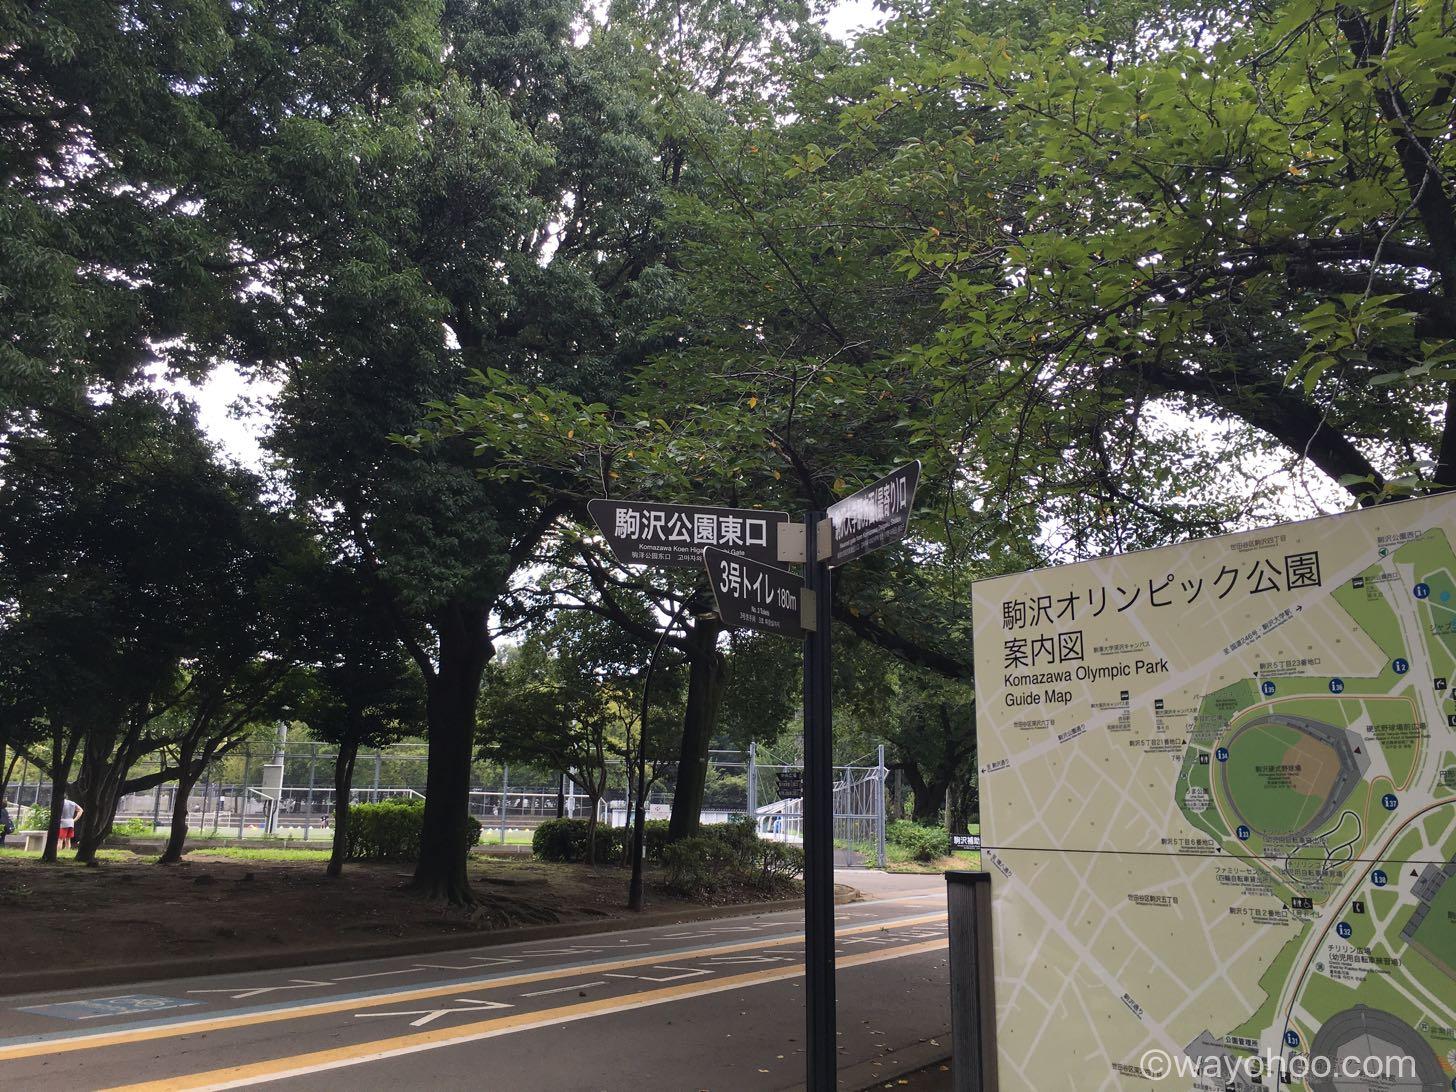 ルージュラの巣と噂の駒沢オリンピック公園